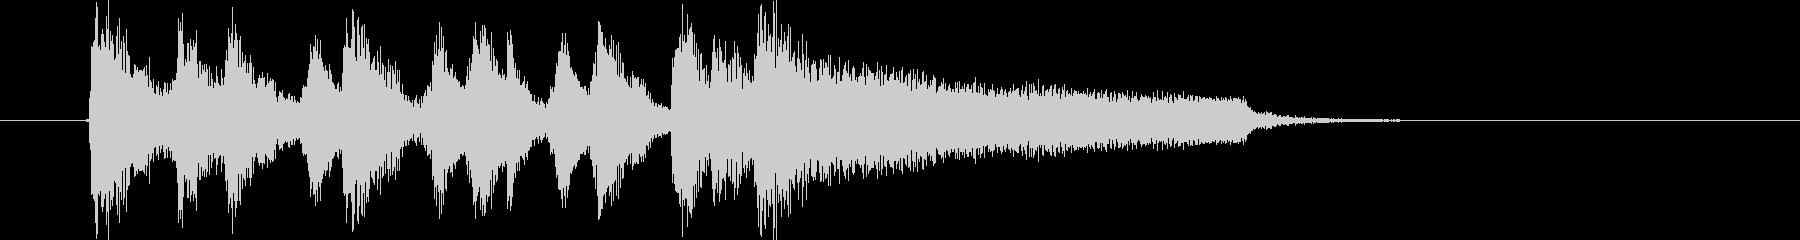 ミステリアスでドラマティックな楽曲の未再生の波形